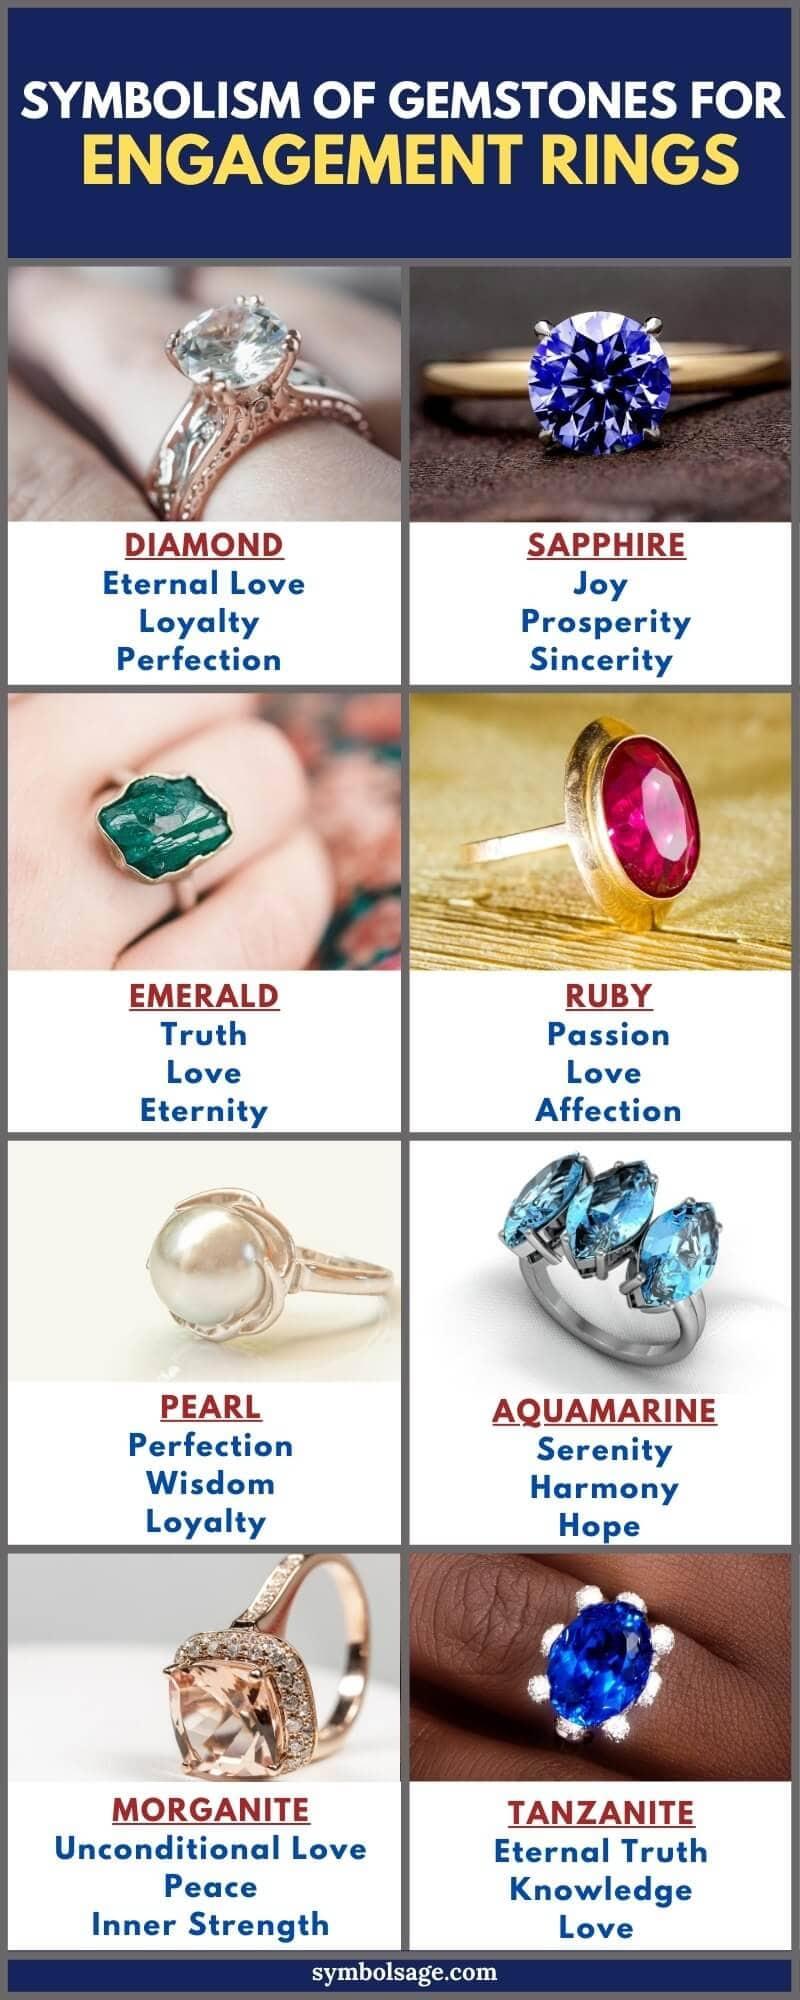 Gemstone engagement ring symbolism